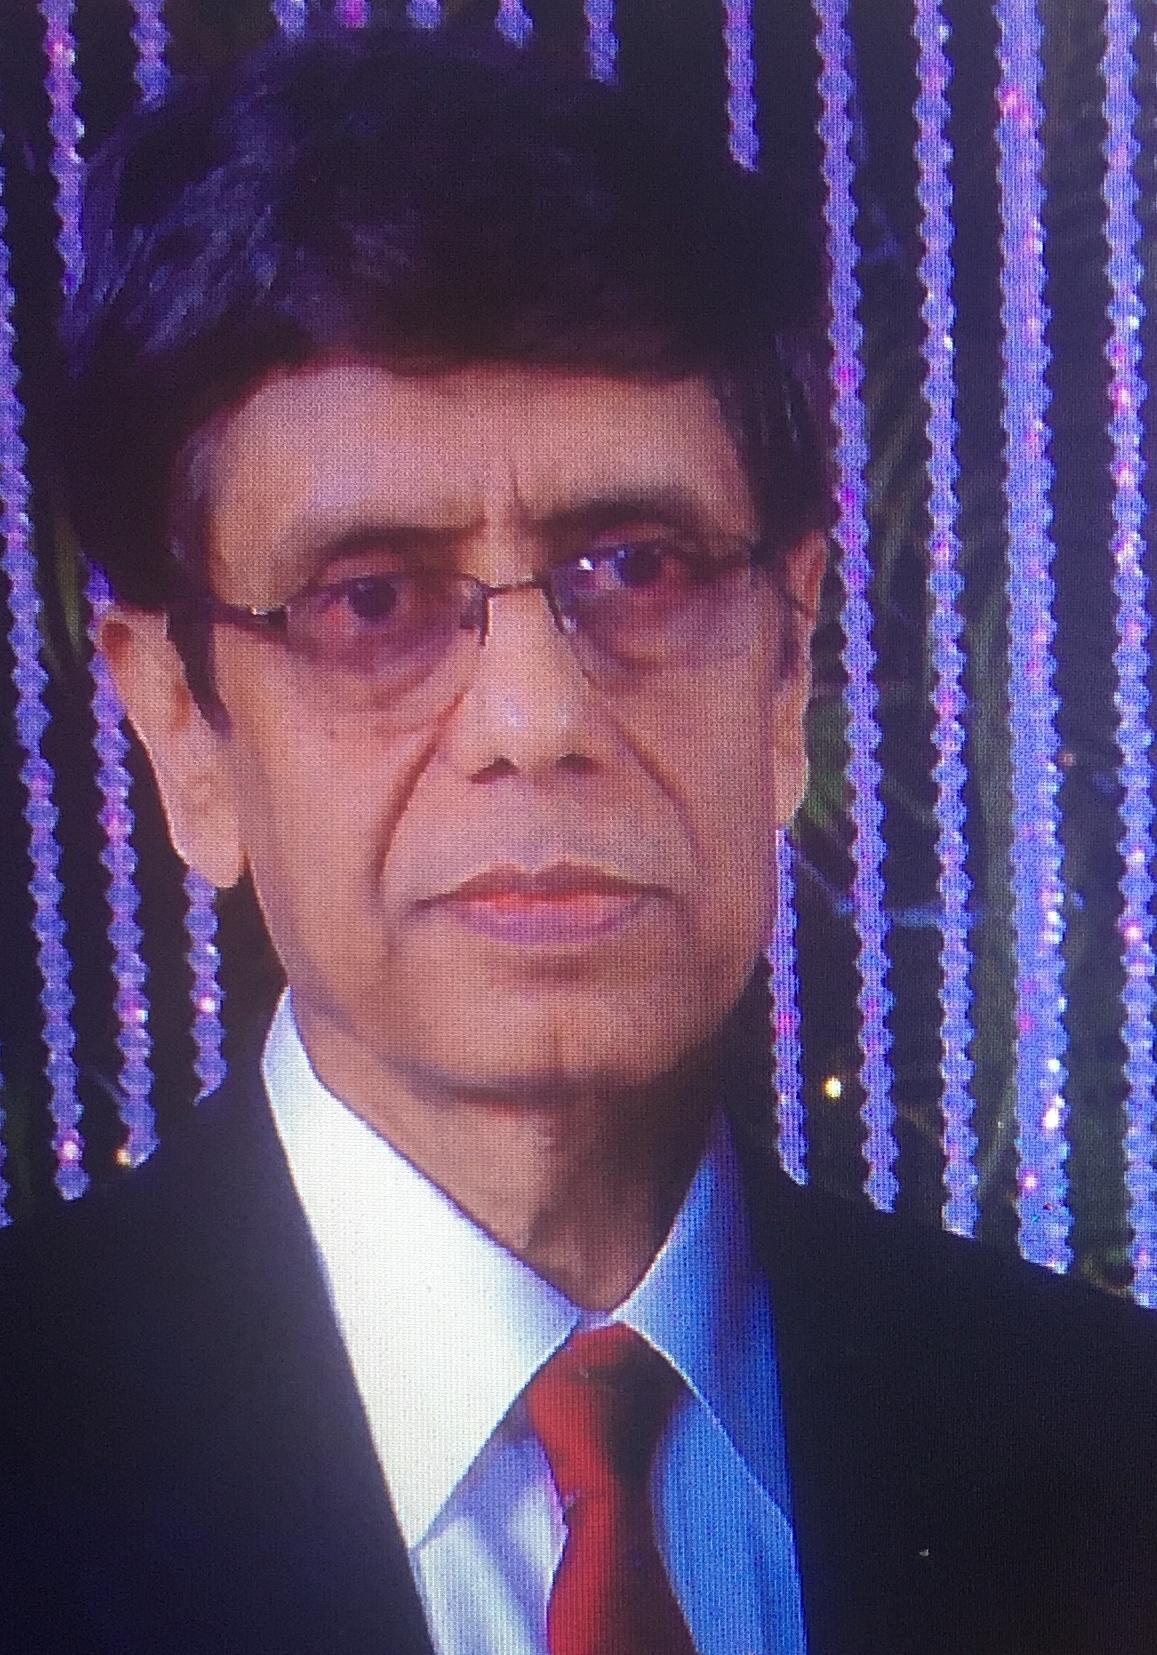 Gautam Sanyal